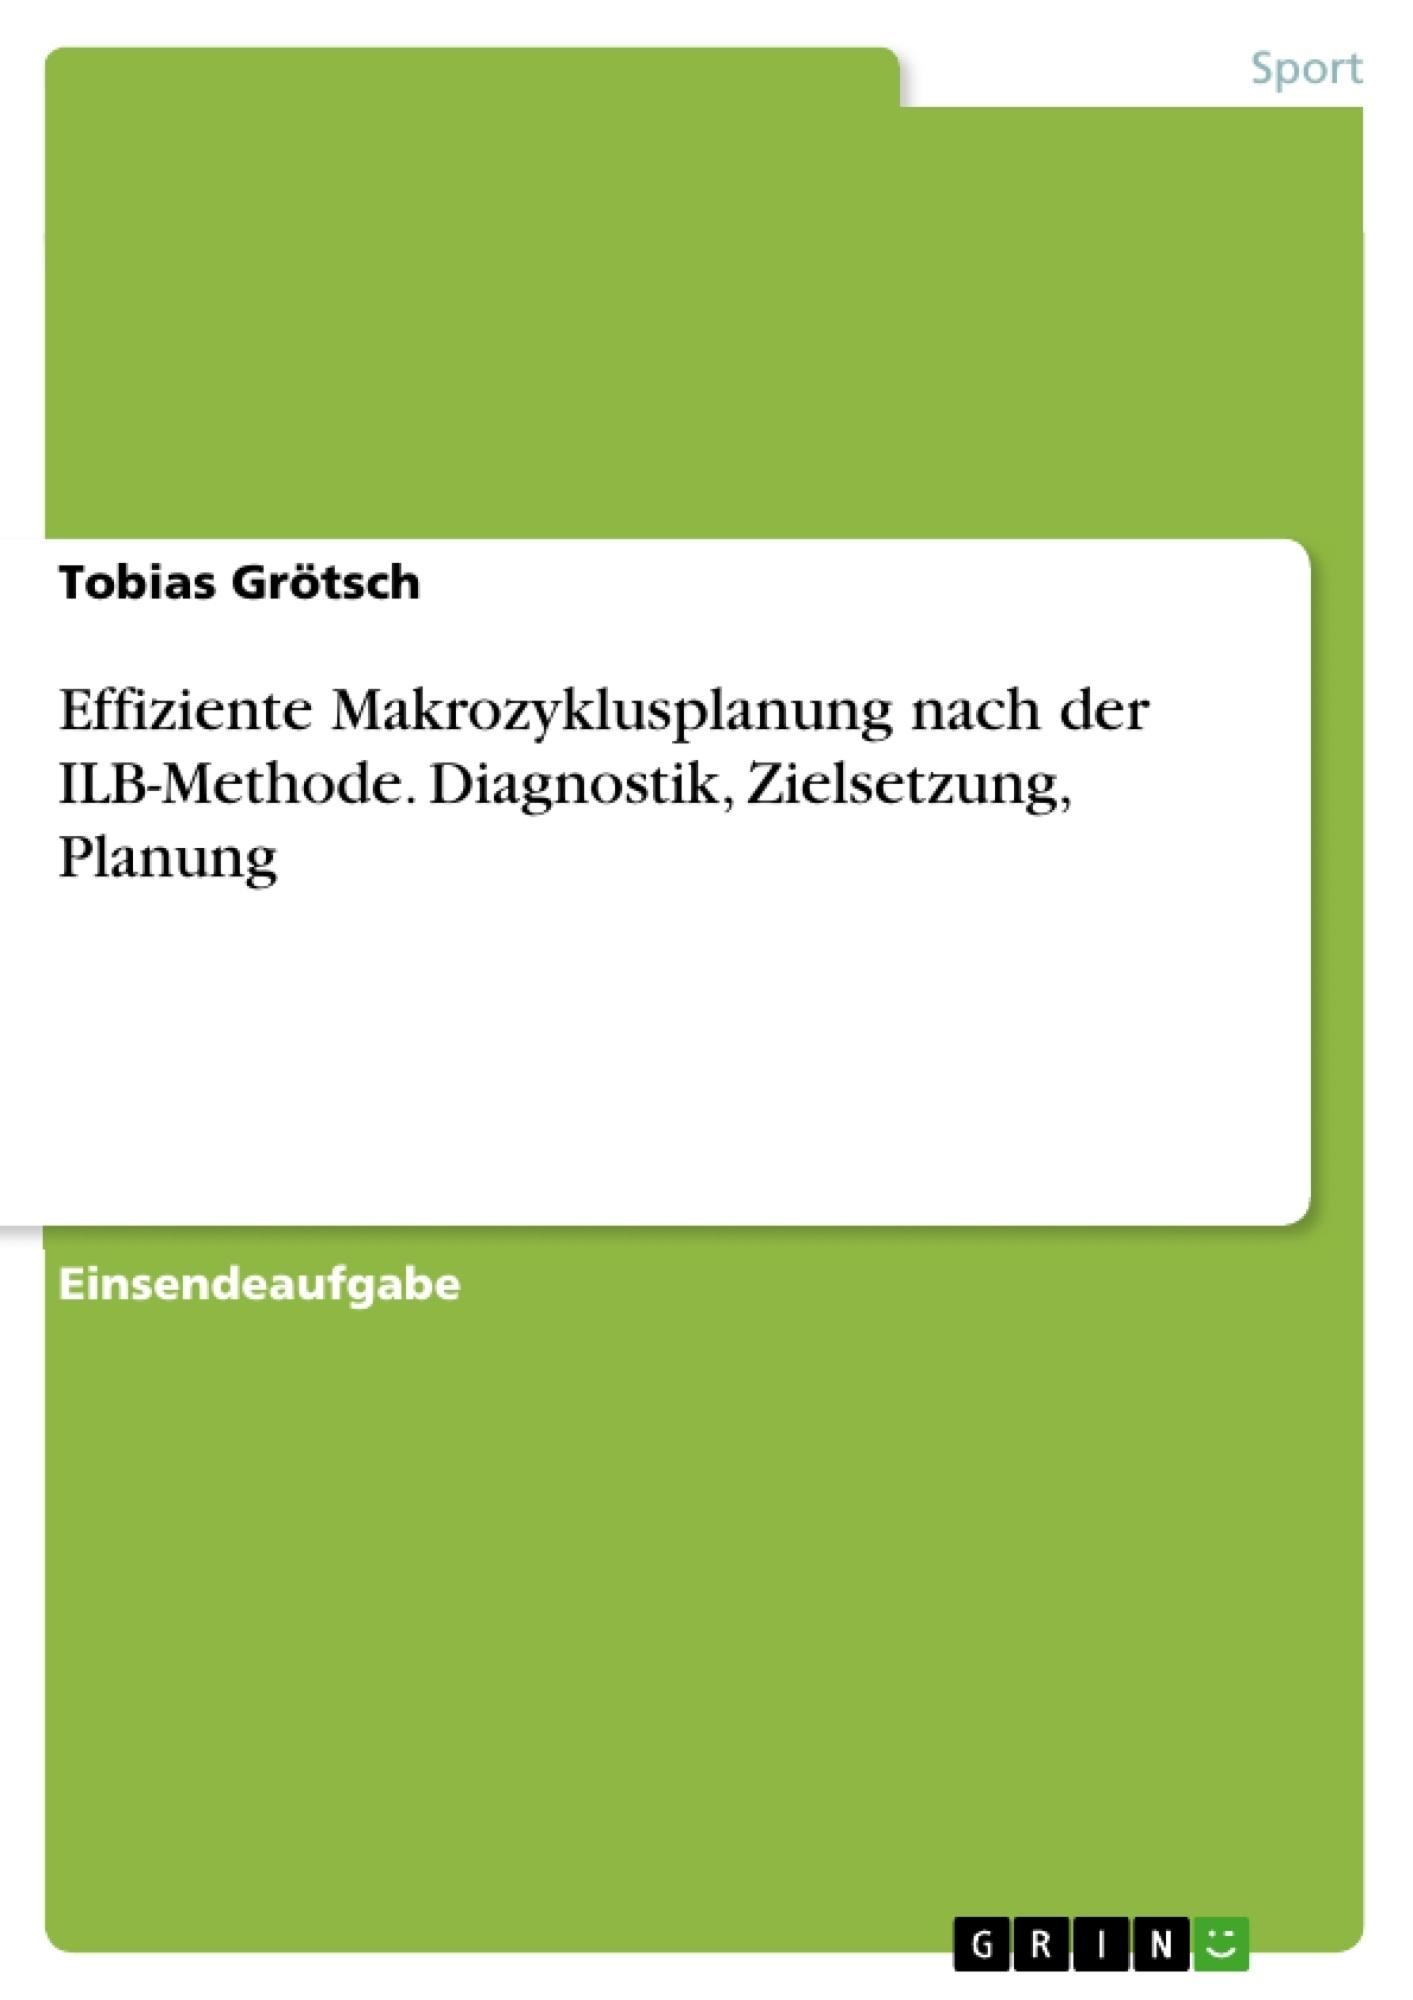 Titel: Effiziente Makrozyklusplanung nach der ILB-Methode. Diagnostik, Zielsetzung, Planung